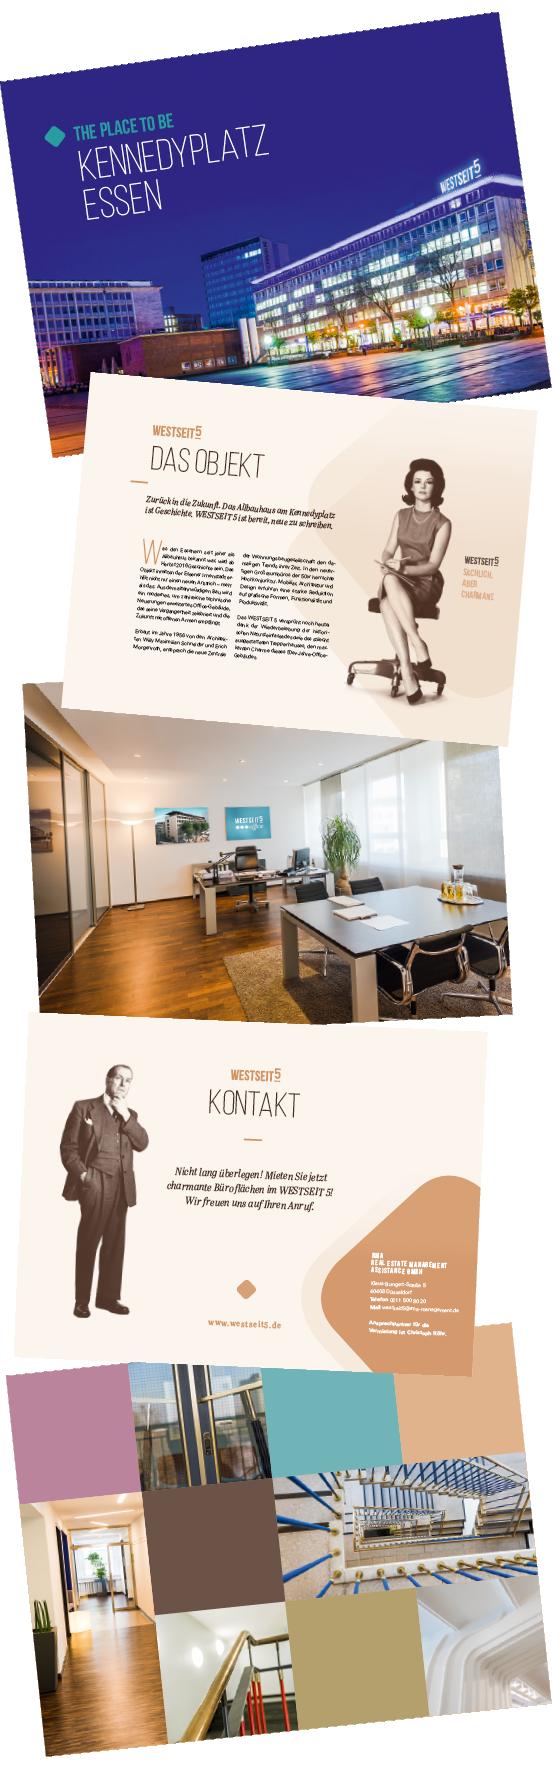 Samt&Seidel_Referenz_Westsite5_Design_06